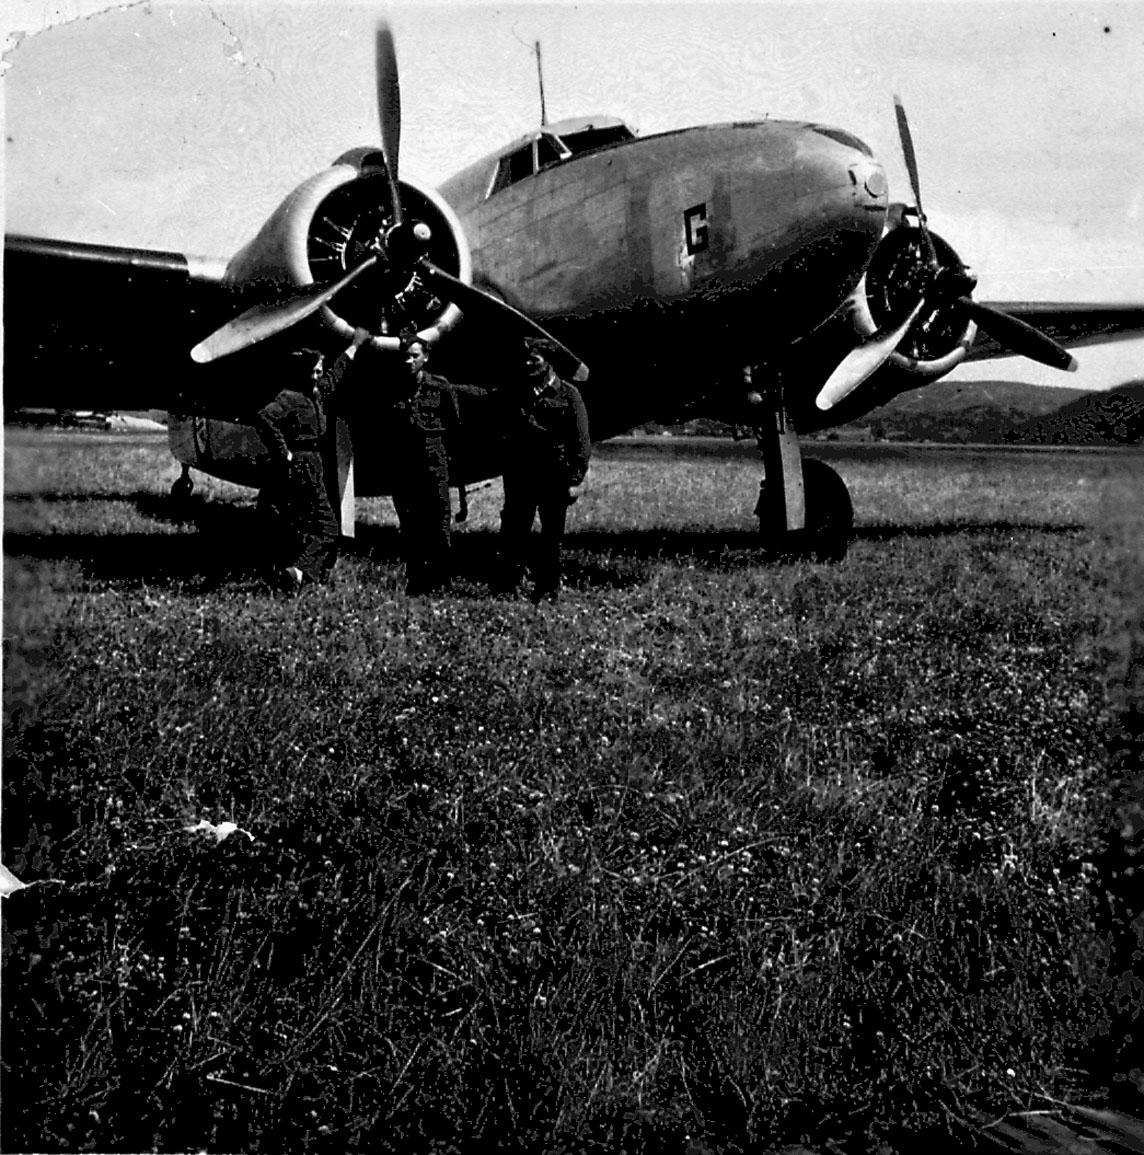 Lufthavn, 1 fly på bakken, Lockheed Lodestar C-60A-5-LO, G(T-AE) fra RNoAF. 3 personer ved flyet.